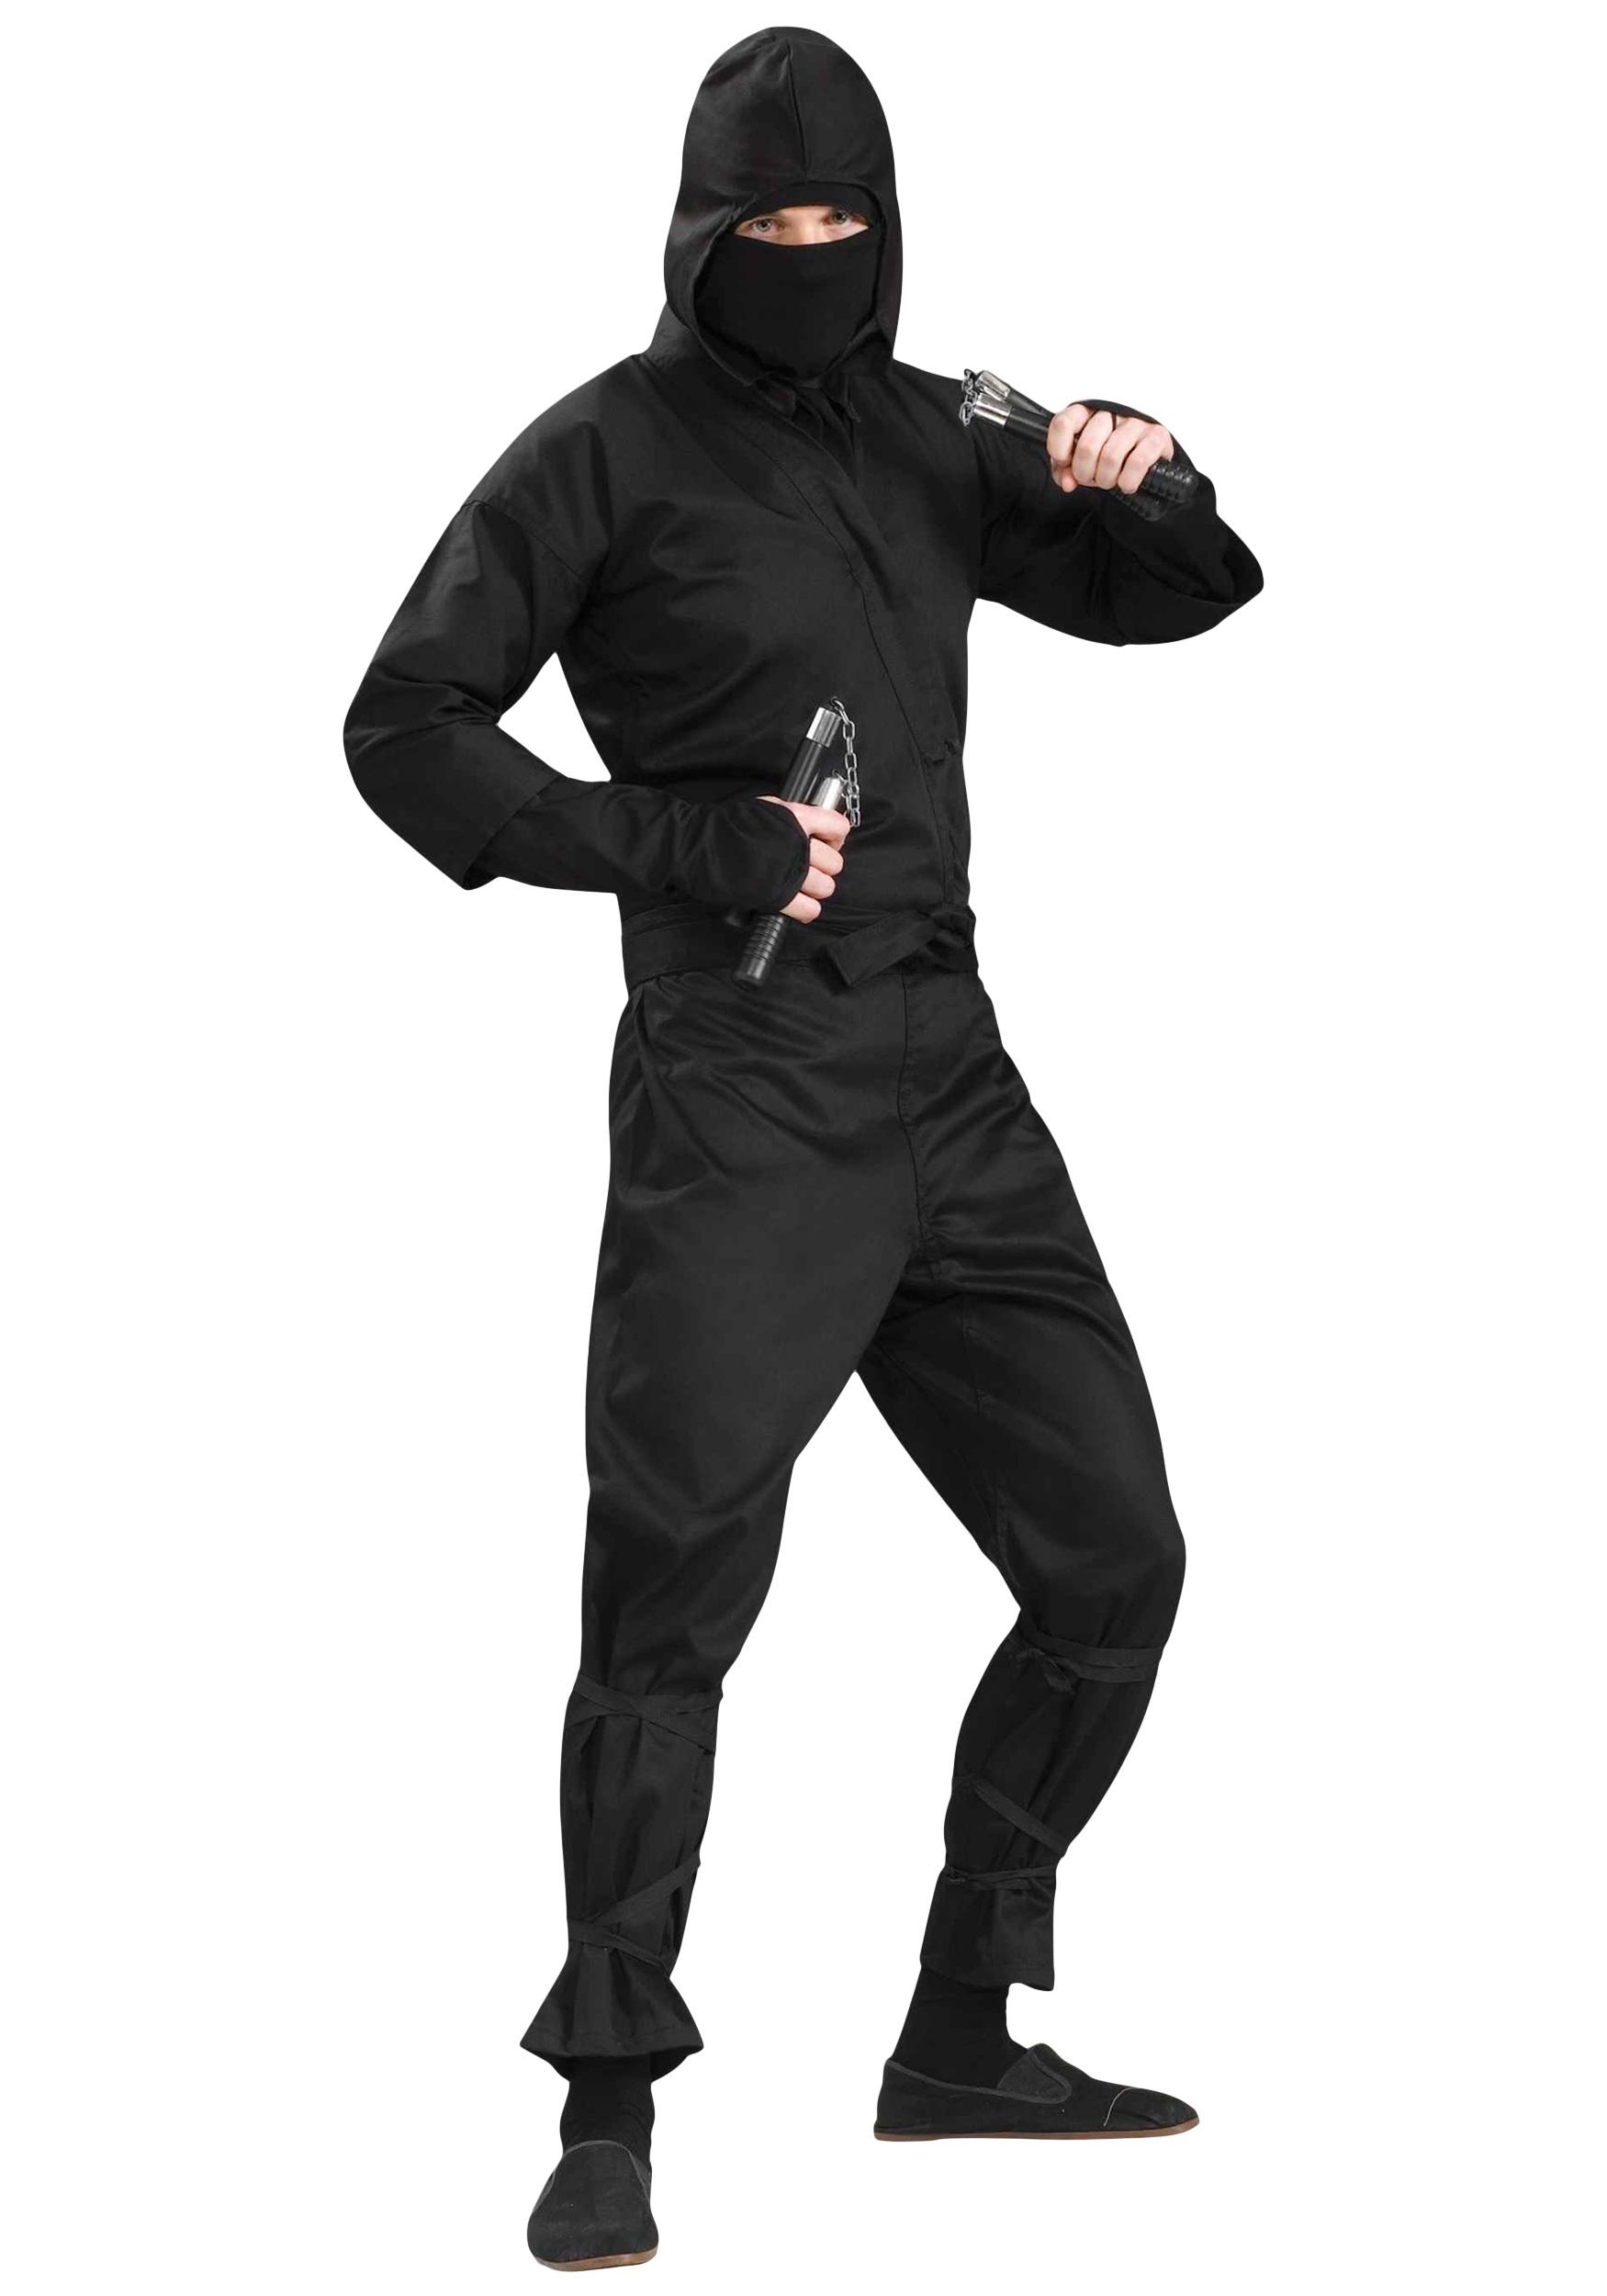 Rubies Costume Deluxe Adult Ninja Costume, Black, Medium